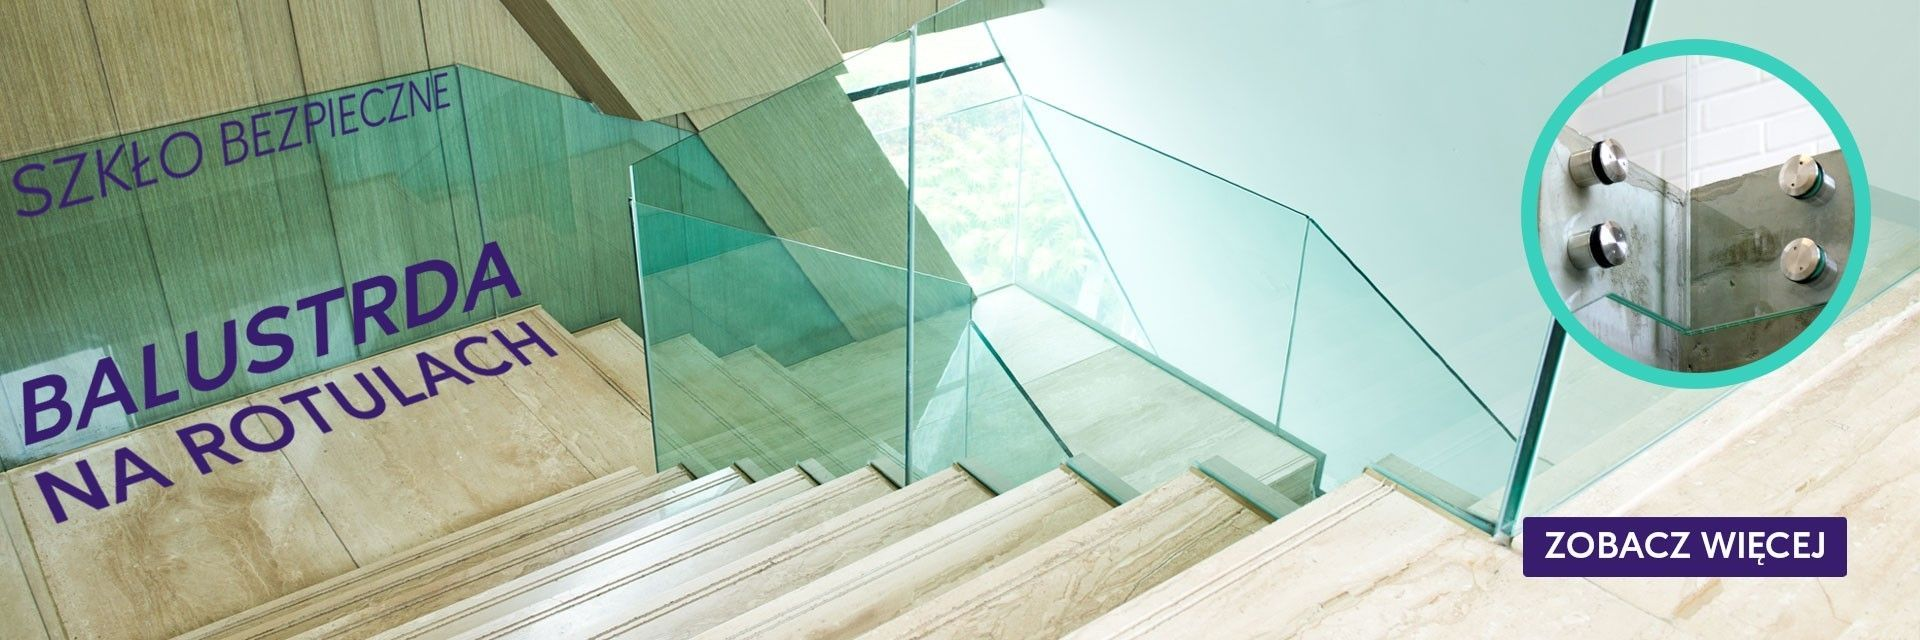 Balustrada szklana na rotulach